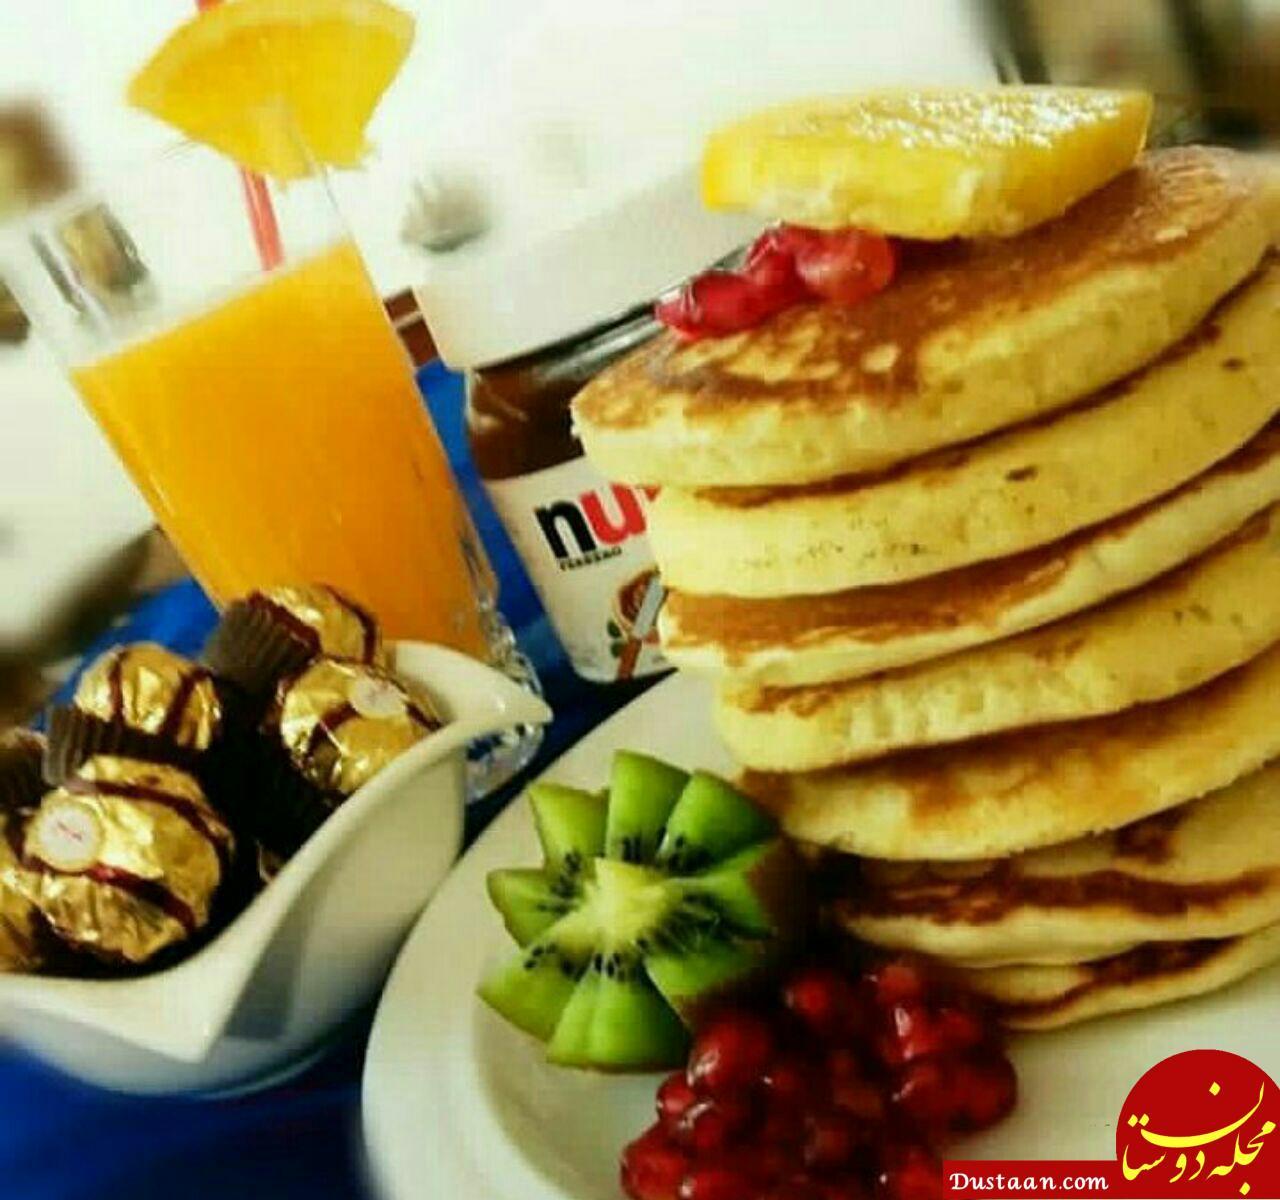 طرز تهیه پنکیک صبحانه به سبکی خوشمزه و متفاوت